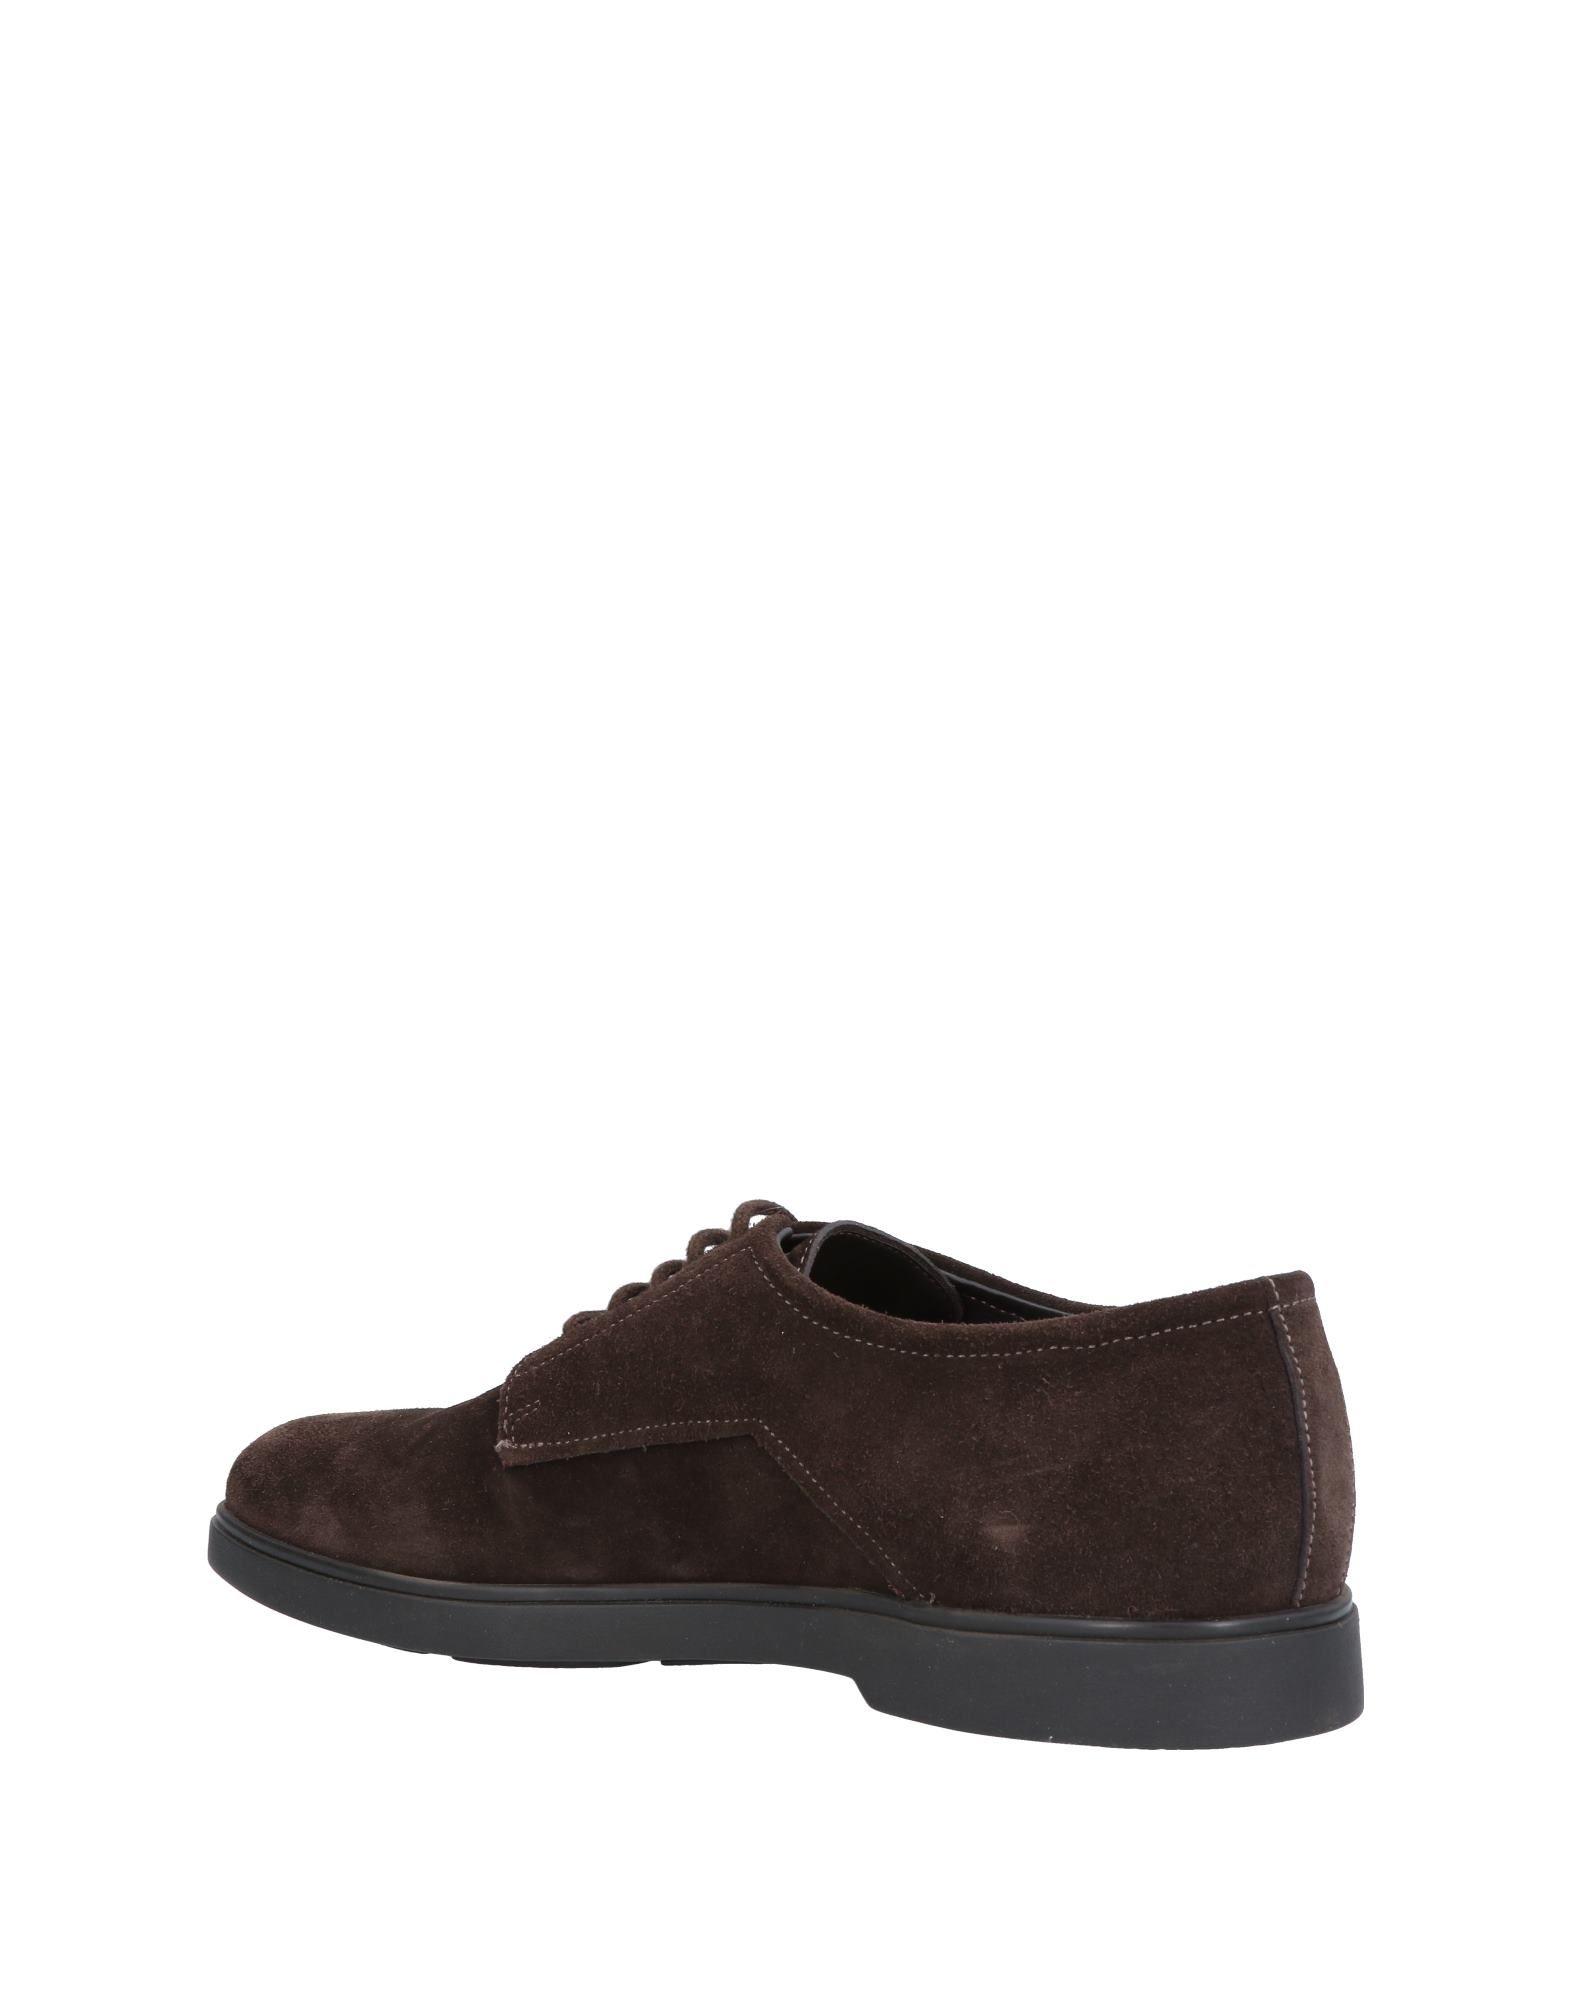 Santoni Schnürschuhe Schnürschuhe Santoni Herren  11486994EN Heiße Schuhe 694c8a